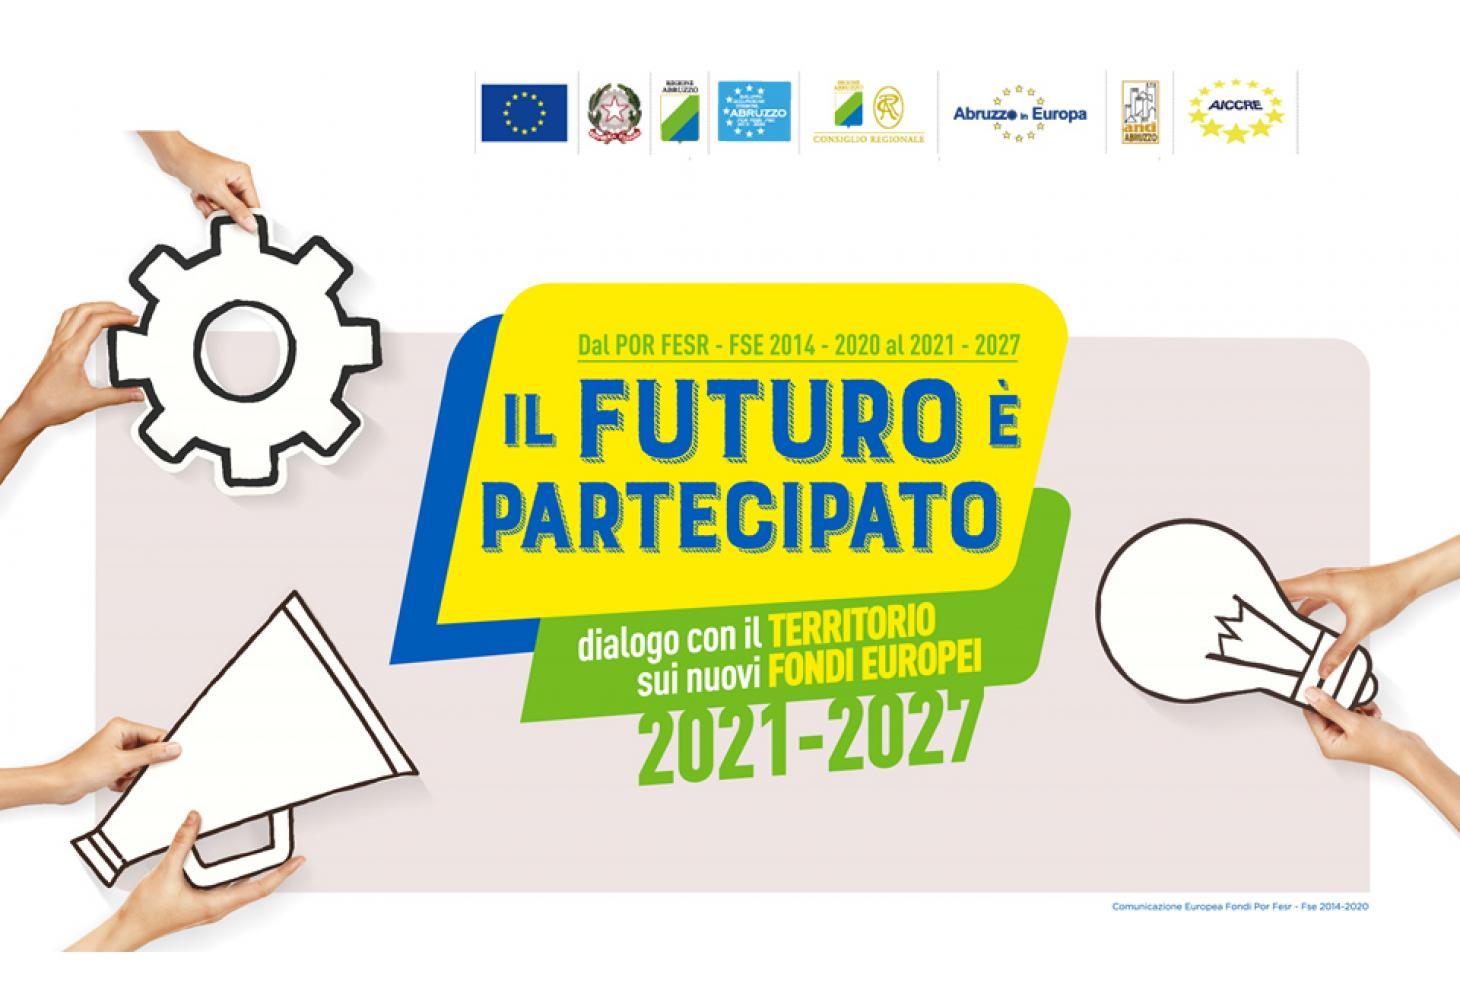 Il futuro è partecipato - Evento di comunicazione sui fondi Ue